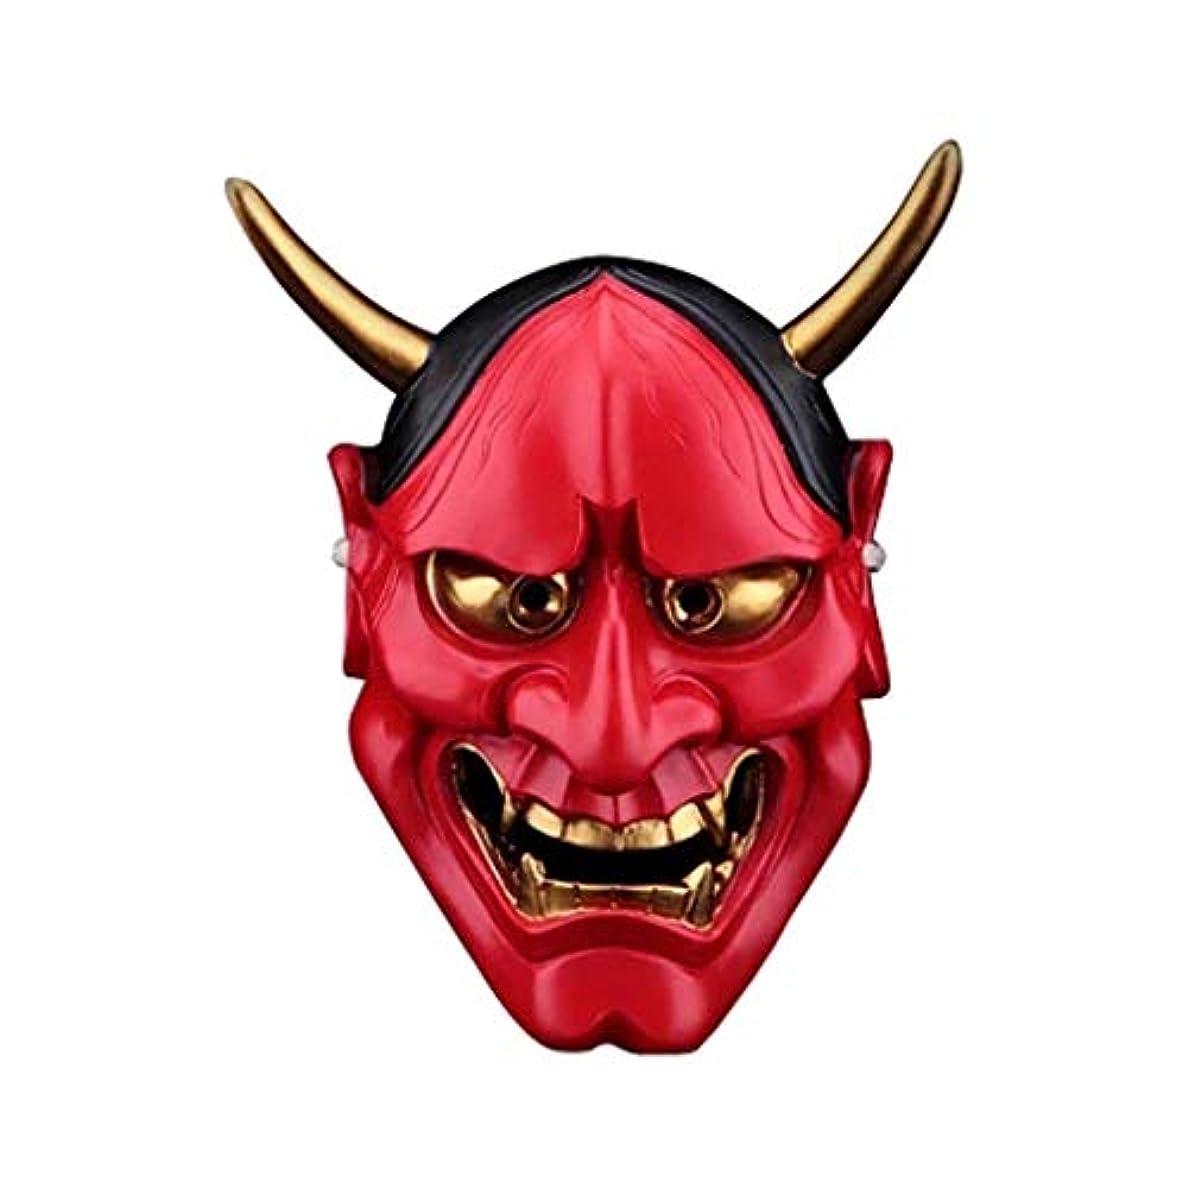 パレードピクニック環境保護主義者ハロウィンホラーマスク、成人用樹脂マスクデコレーション (Color : BRONZE)